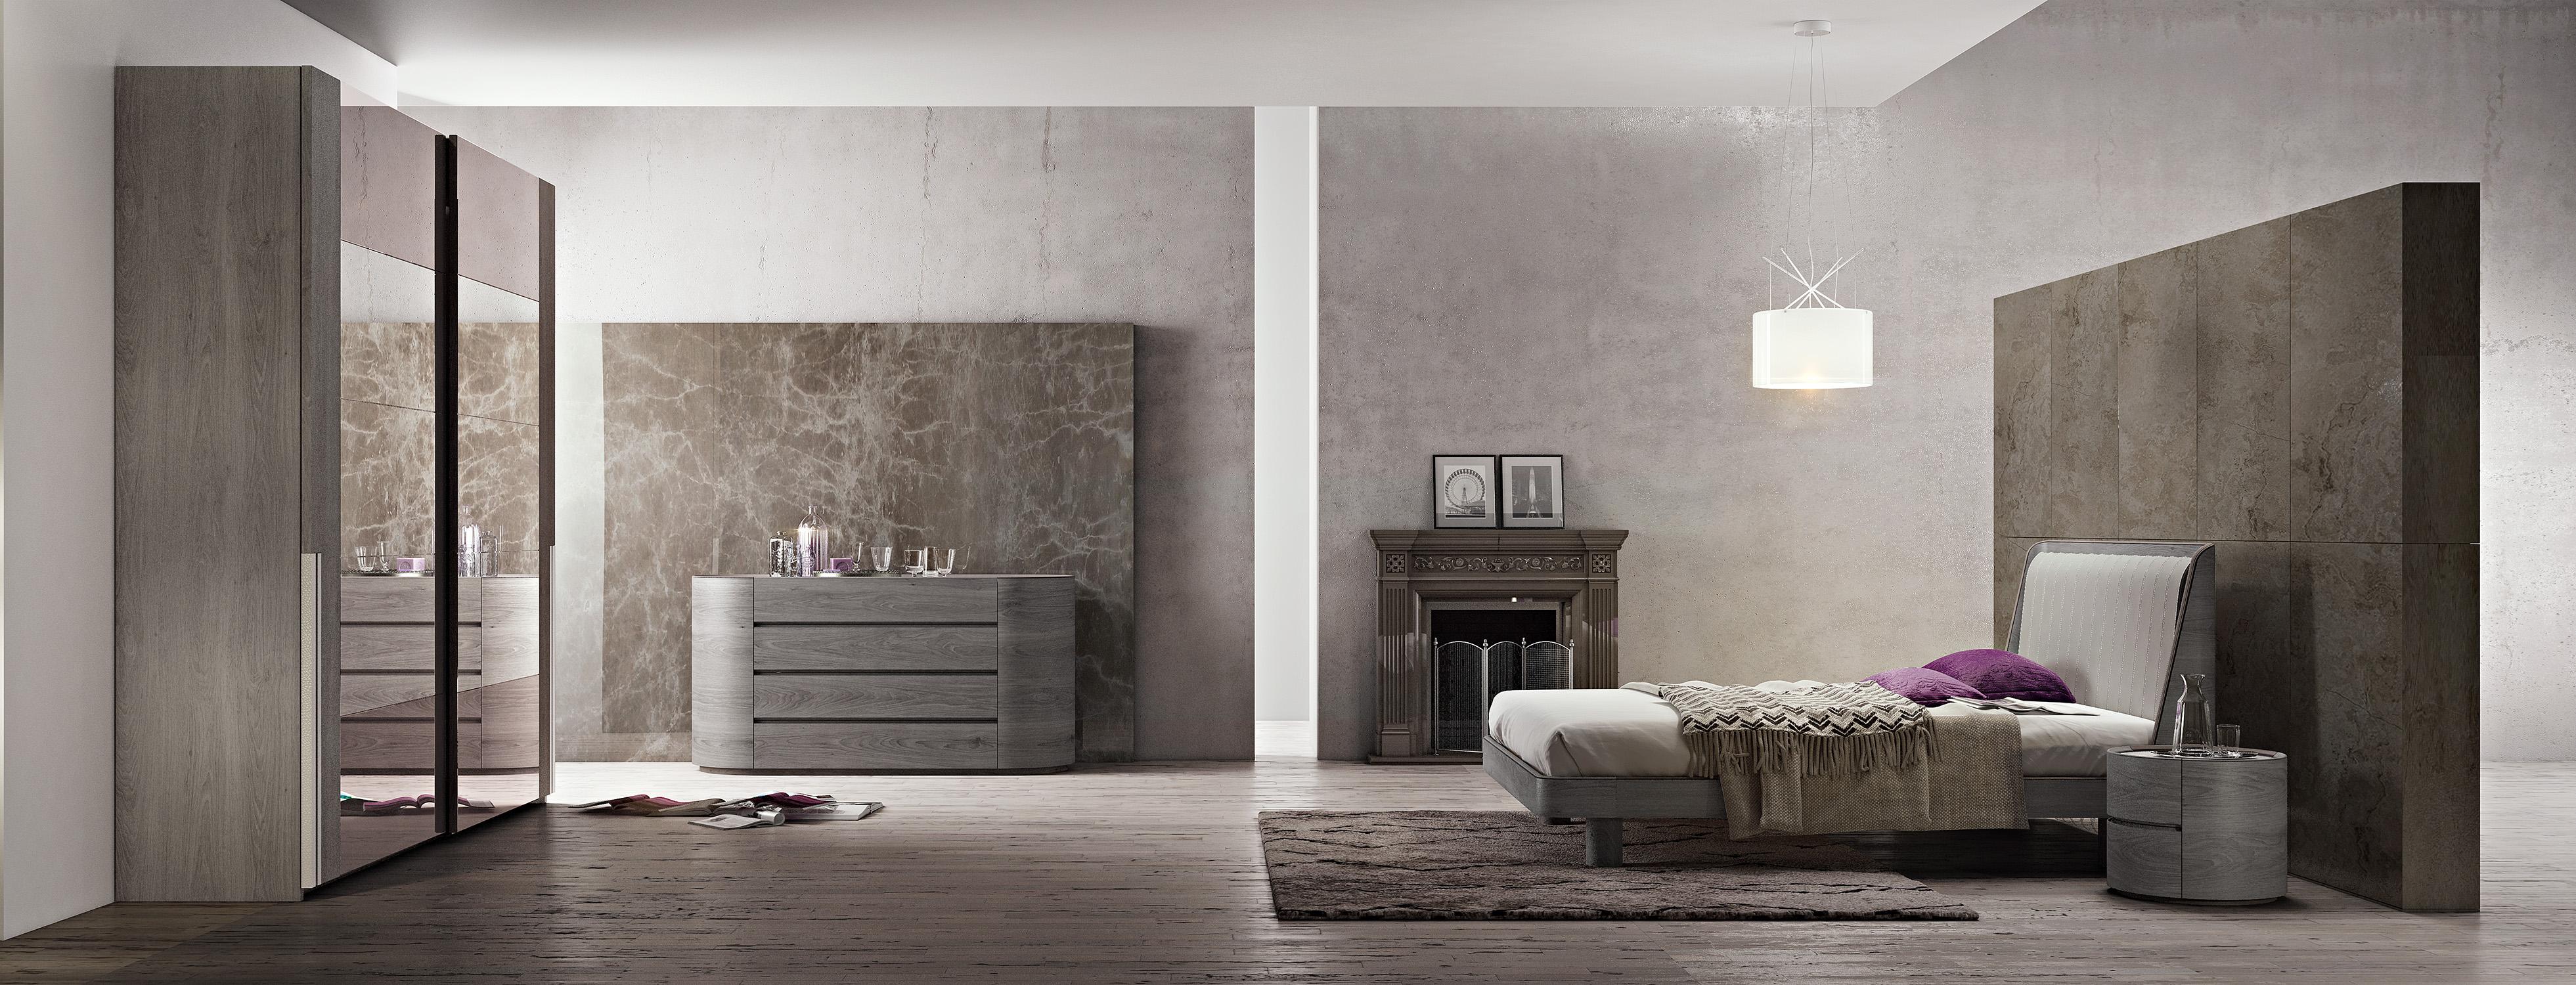 Novit 2016 mobili fazzini for Fazzini mobili catalogo